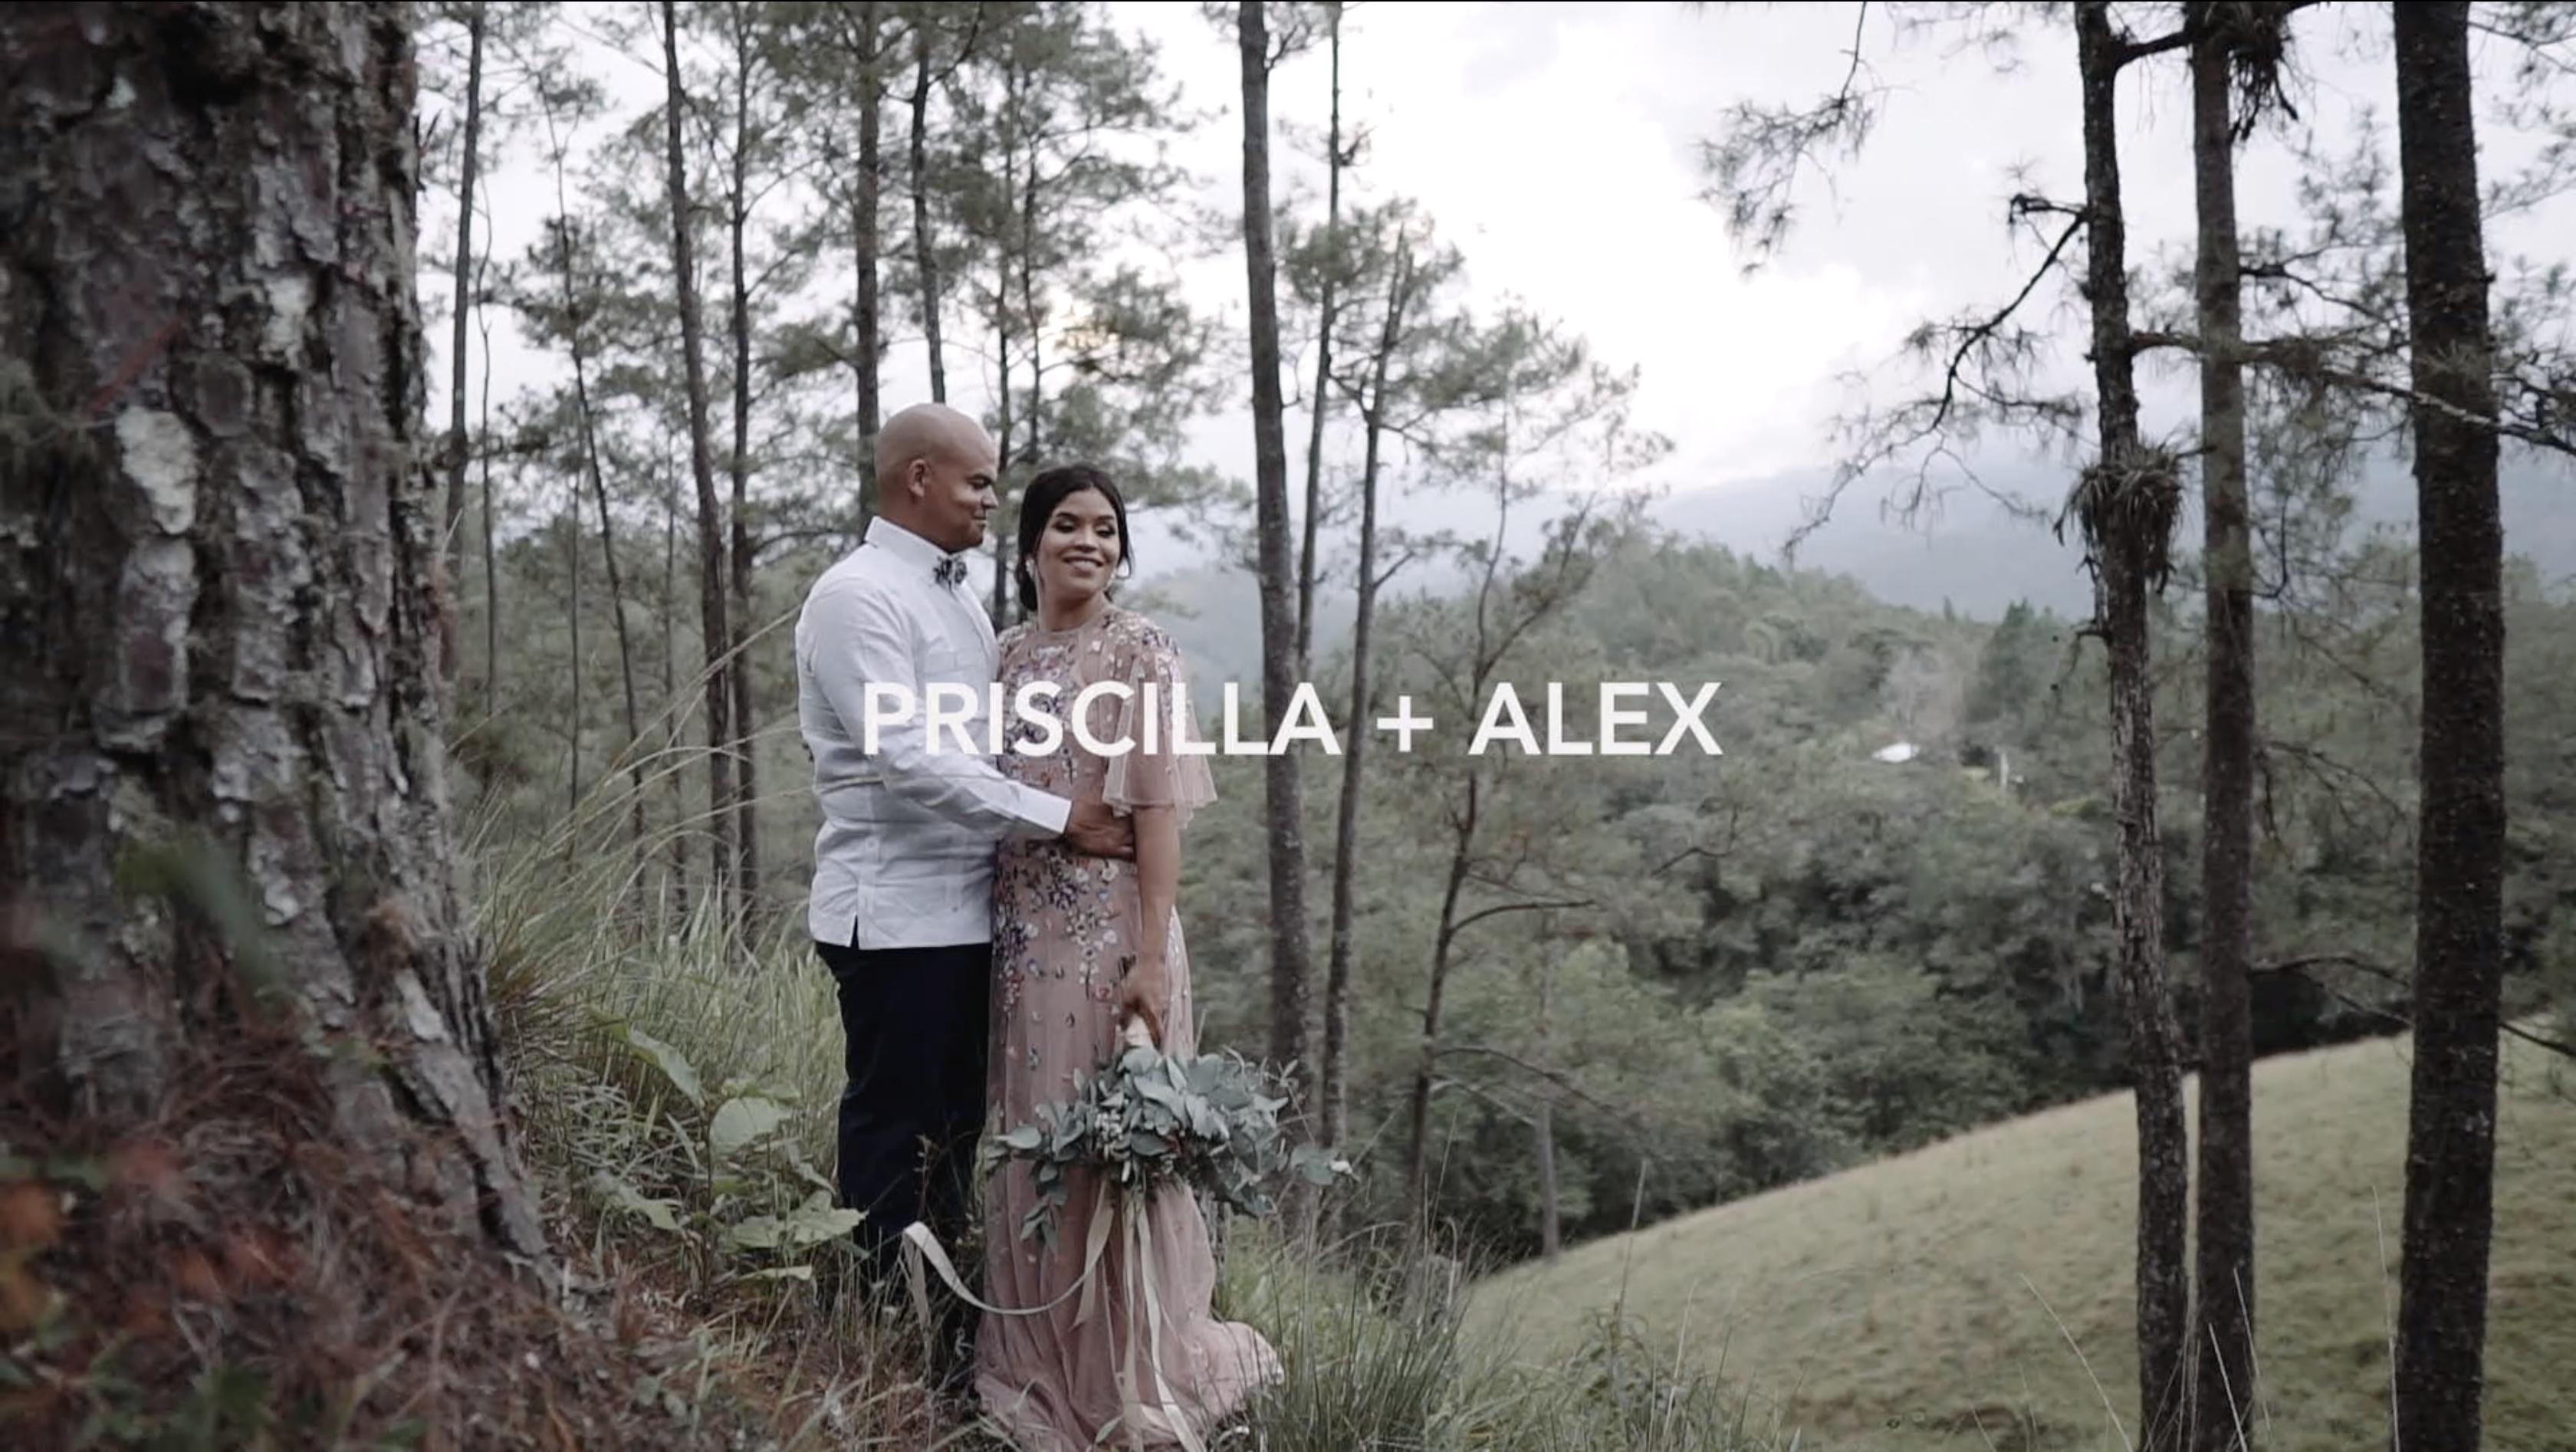 Priscilla + Alex | Jarabacoa, Dominican Republic | Rancho Las Guazaras